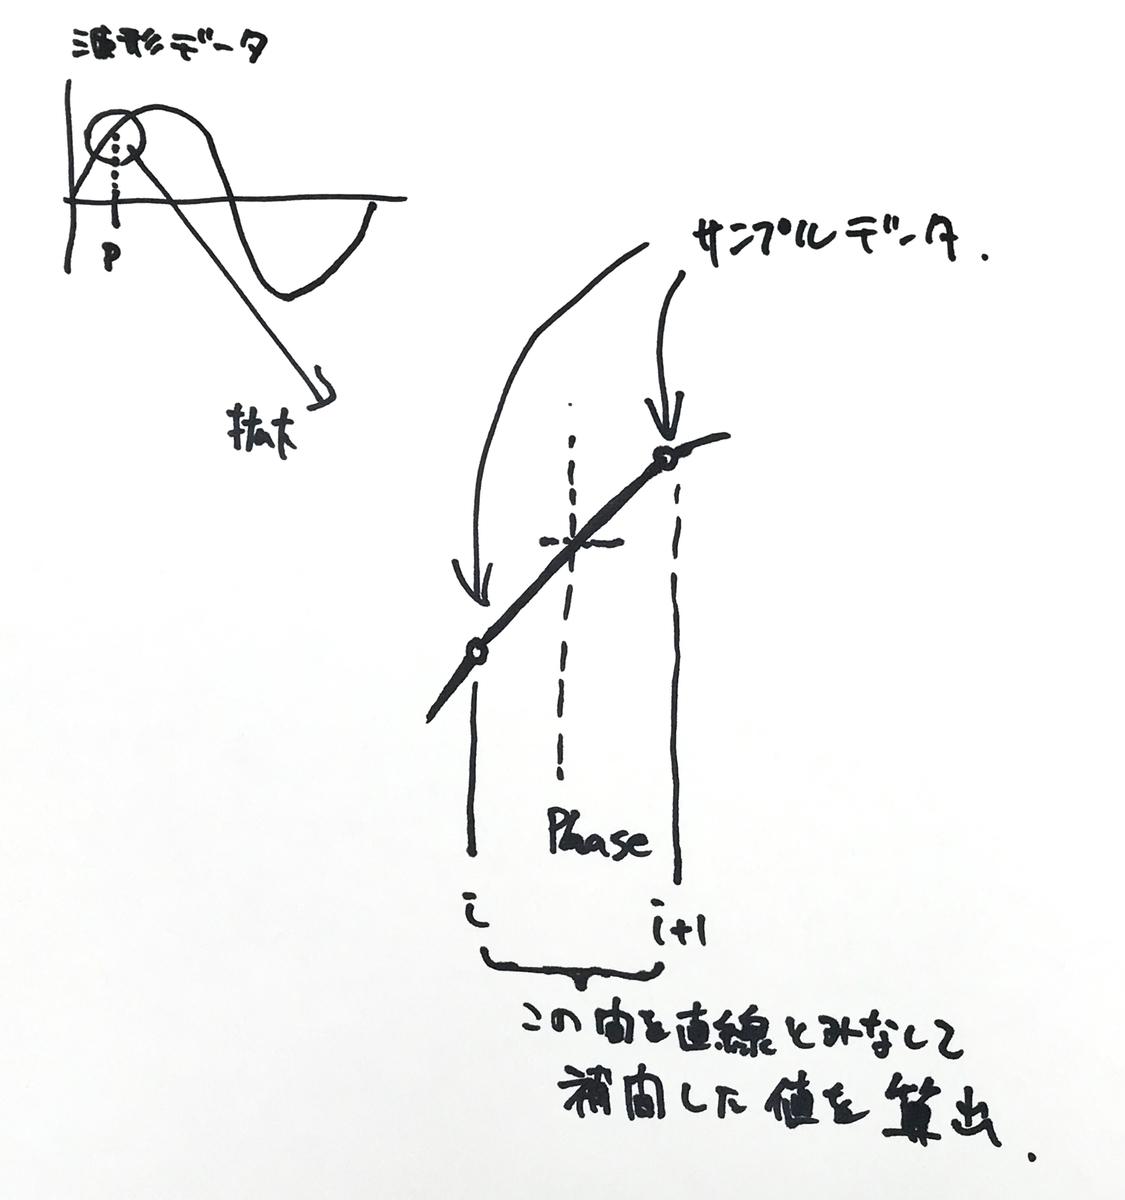 f:id:irieda:20190820190442j:plain